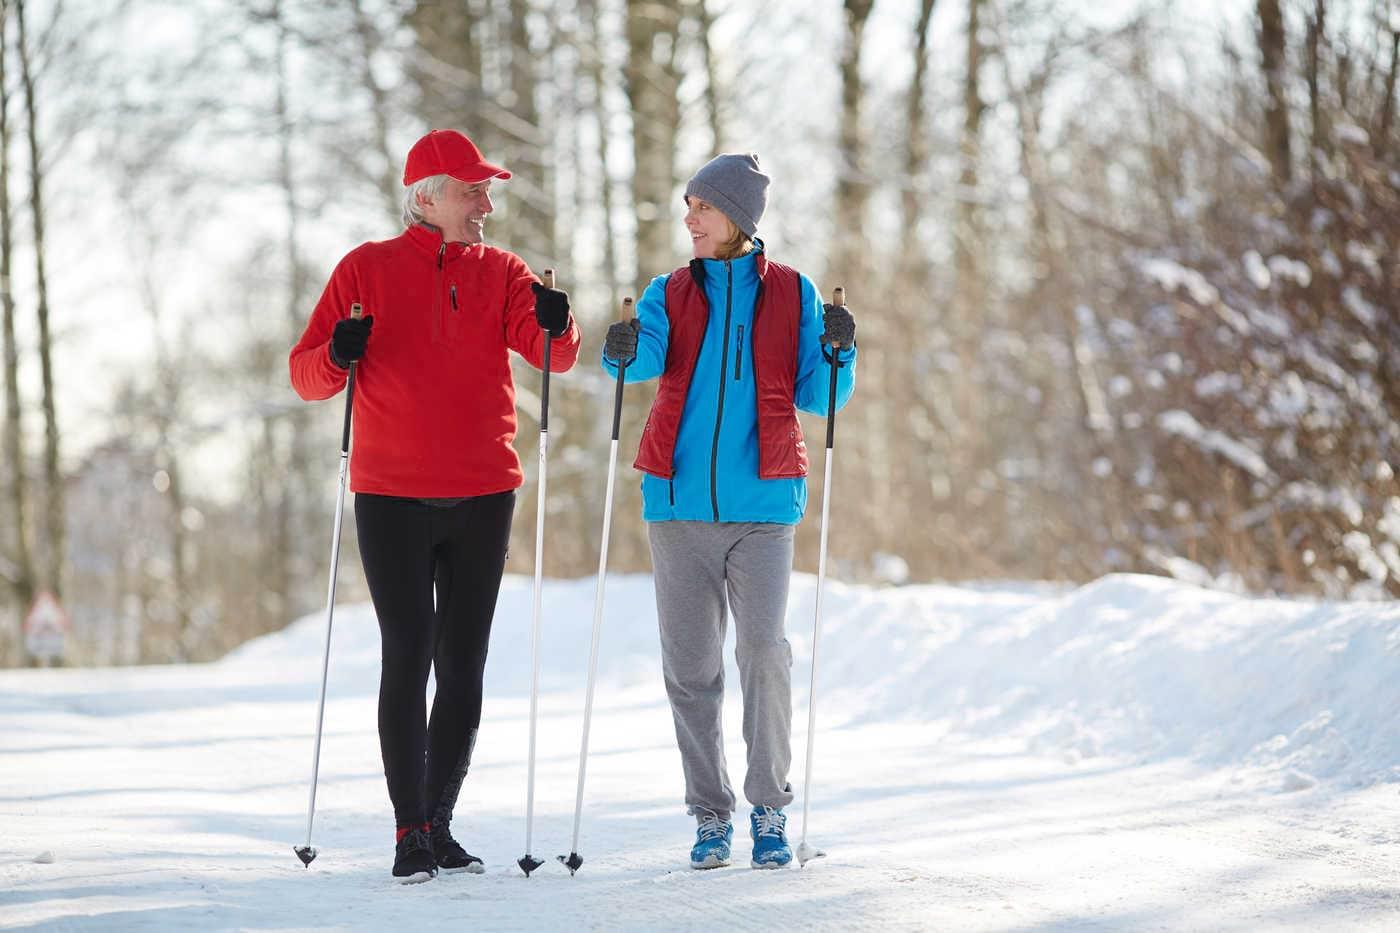 De ce sportul în aer liber e benefic și pentru vârstnici [studiu]